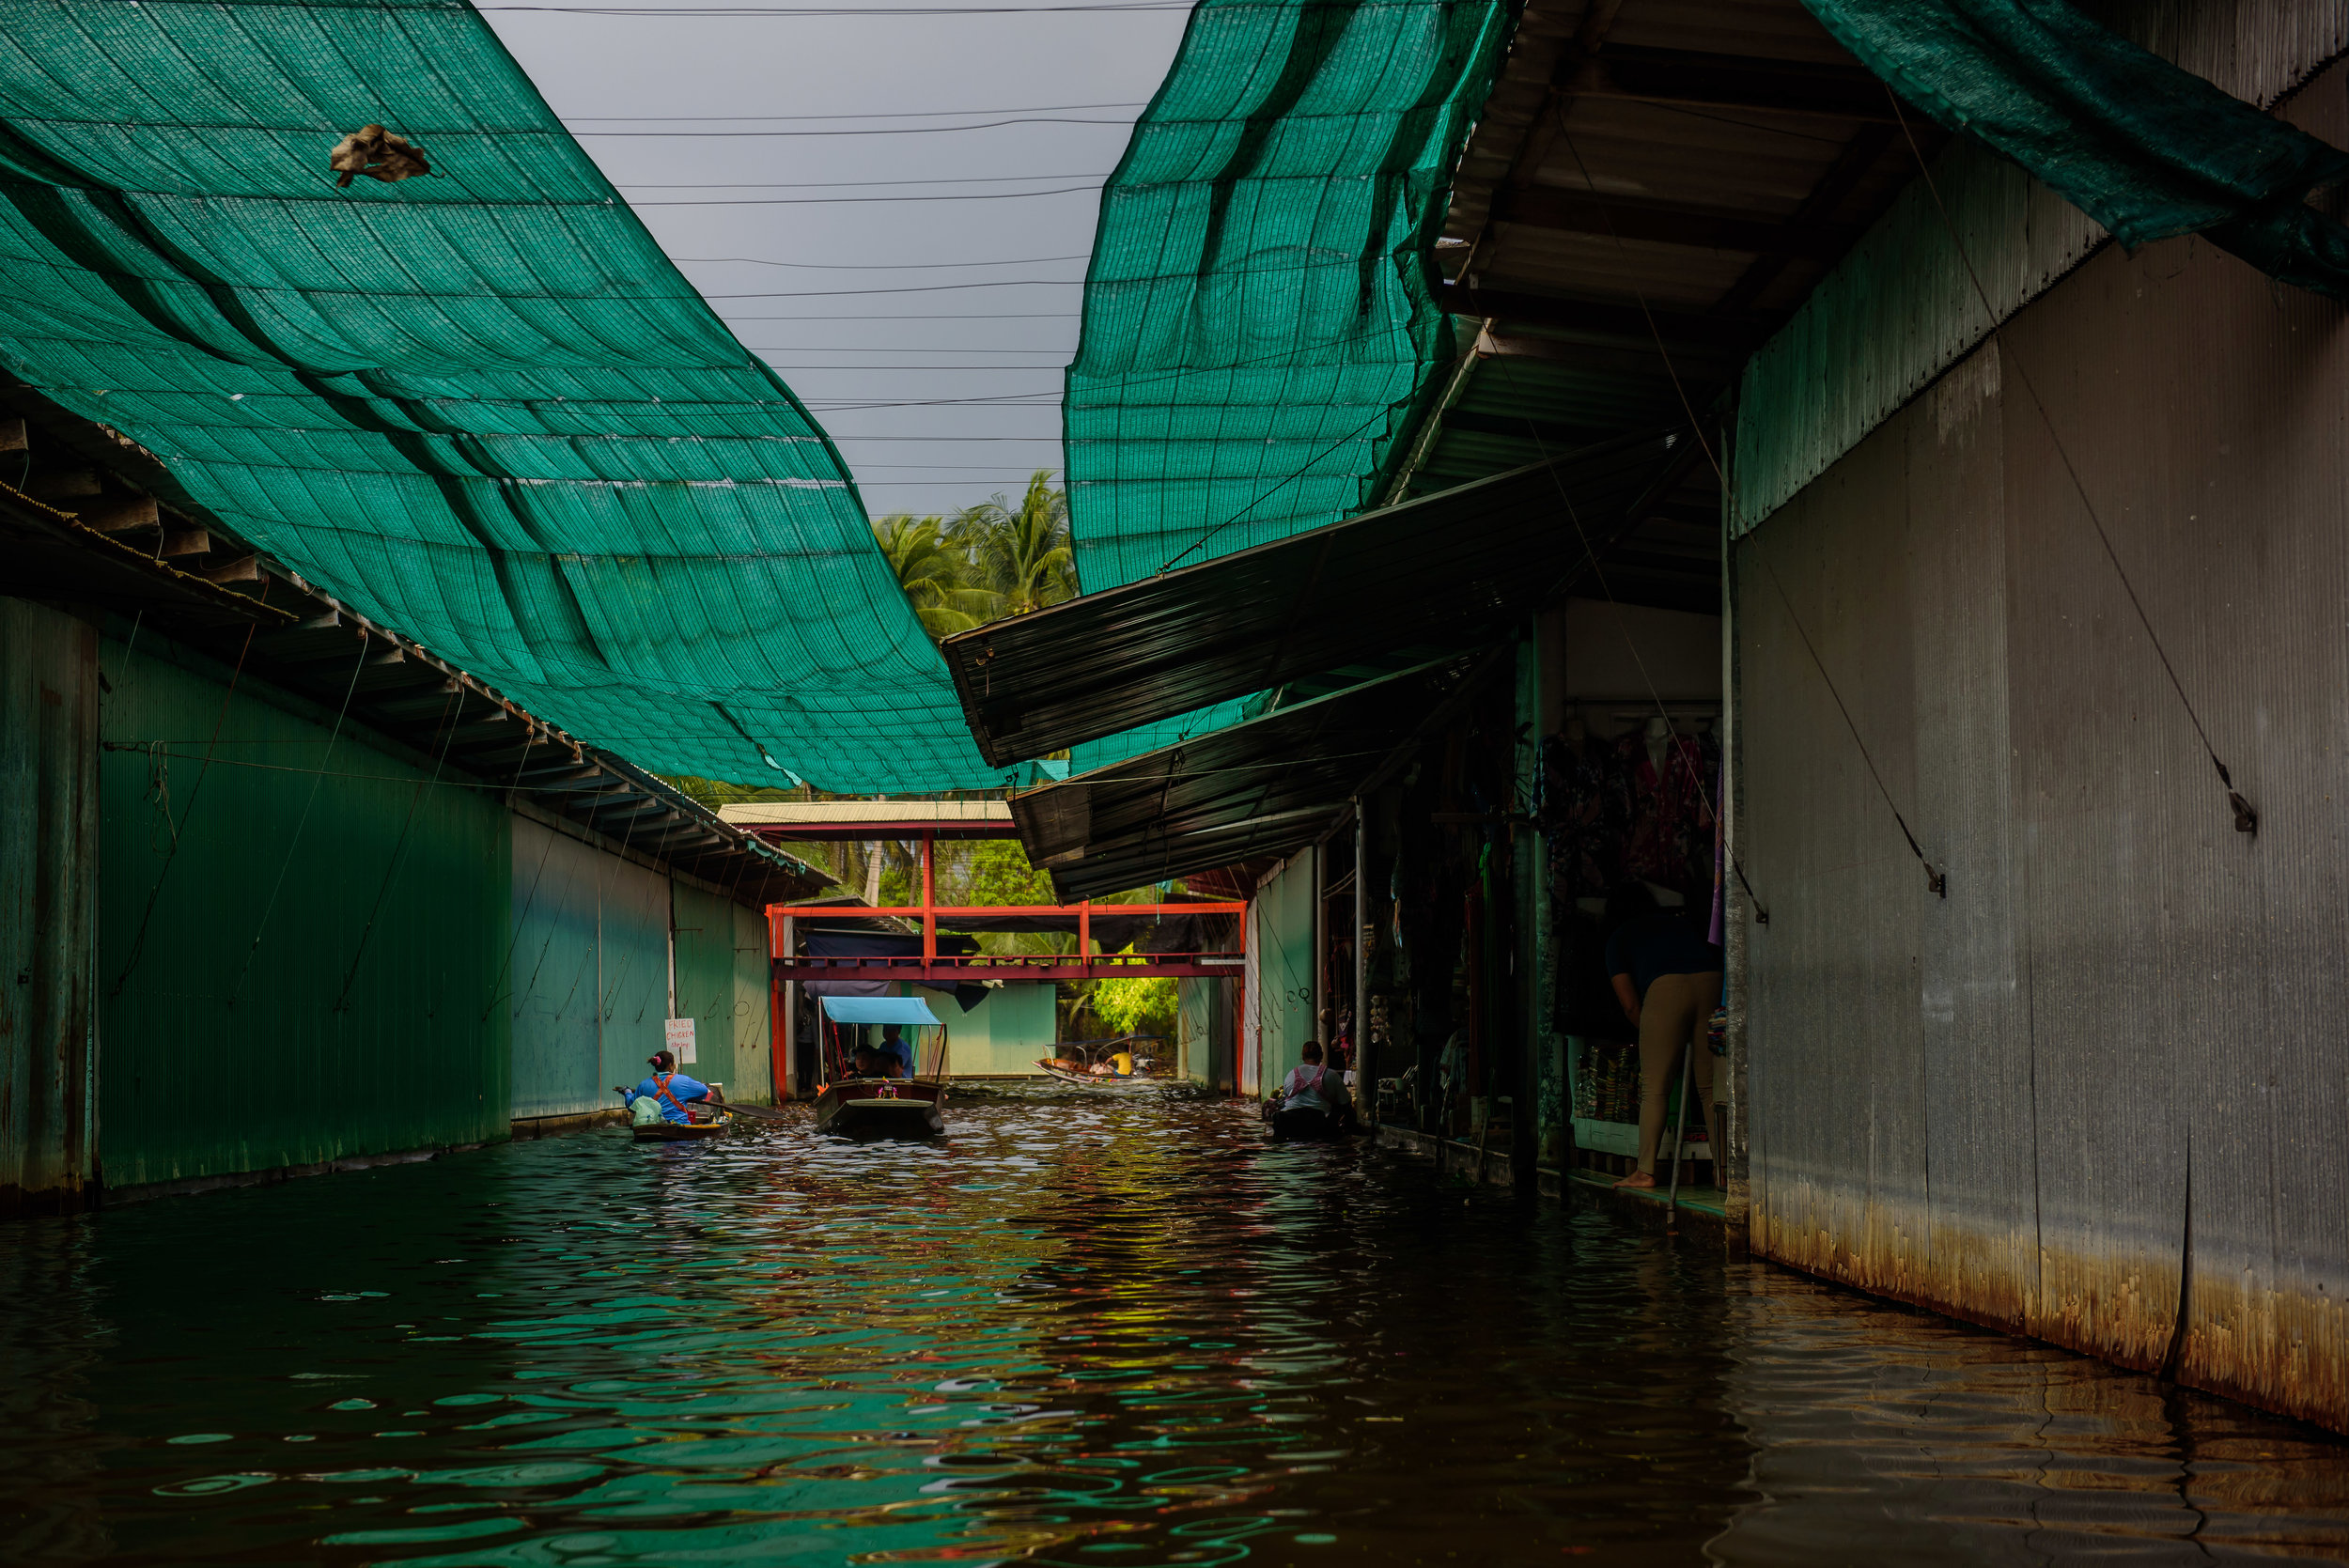 BangkokDay1-13.jpg